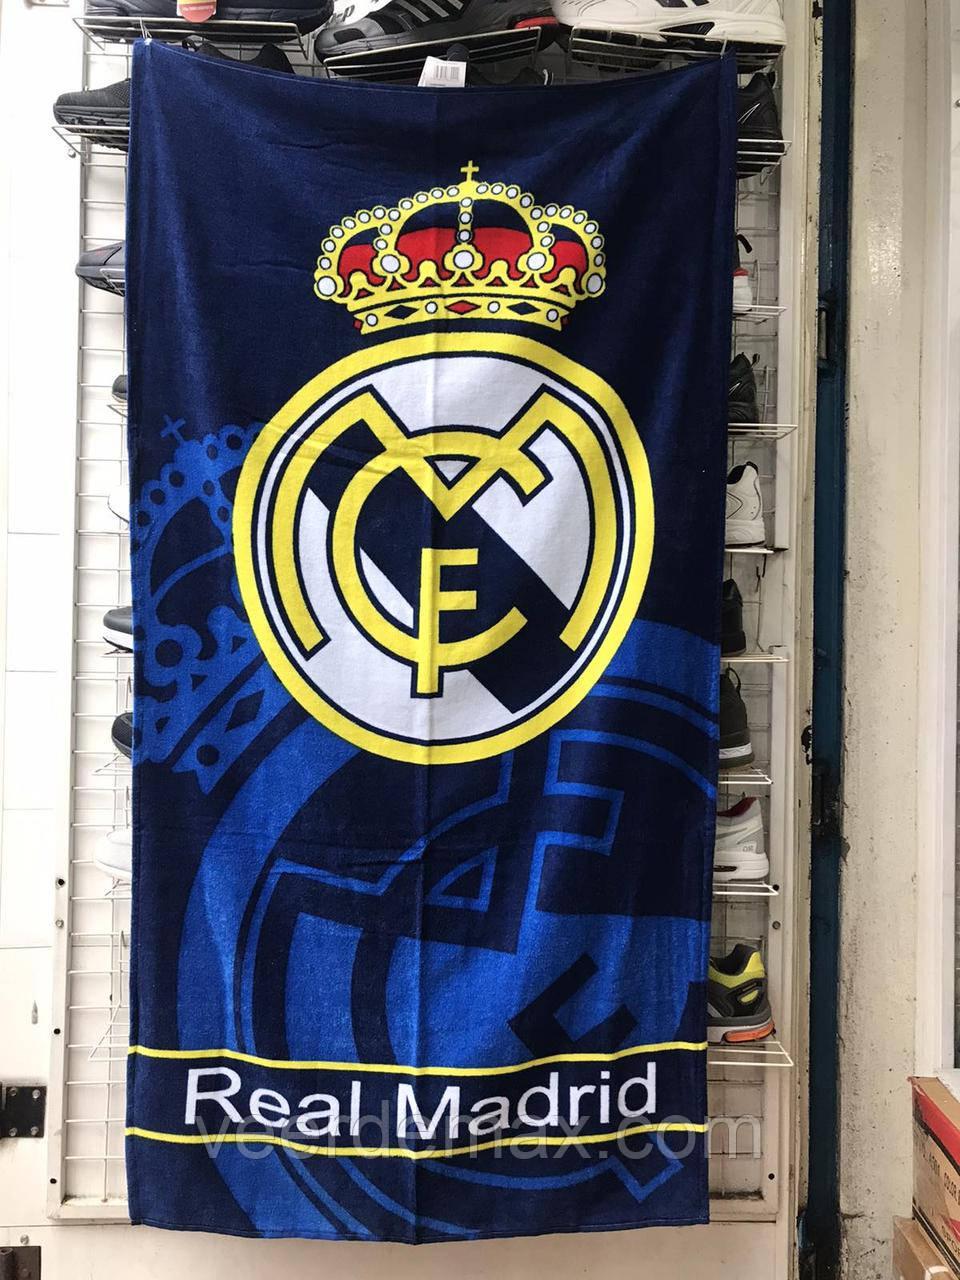 """Банне (пляжний) рушник ФК """"Реал Мадрид"""" з логотипом улюбленого футбольного клубу"""